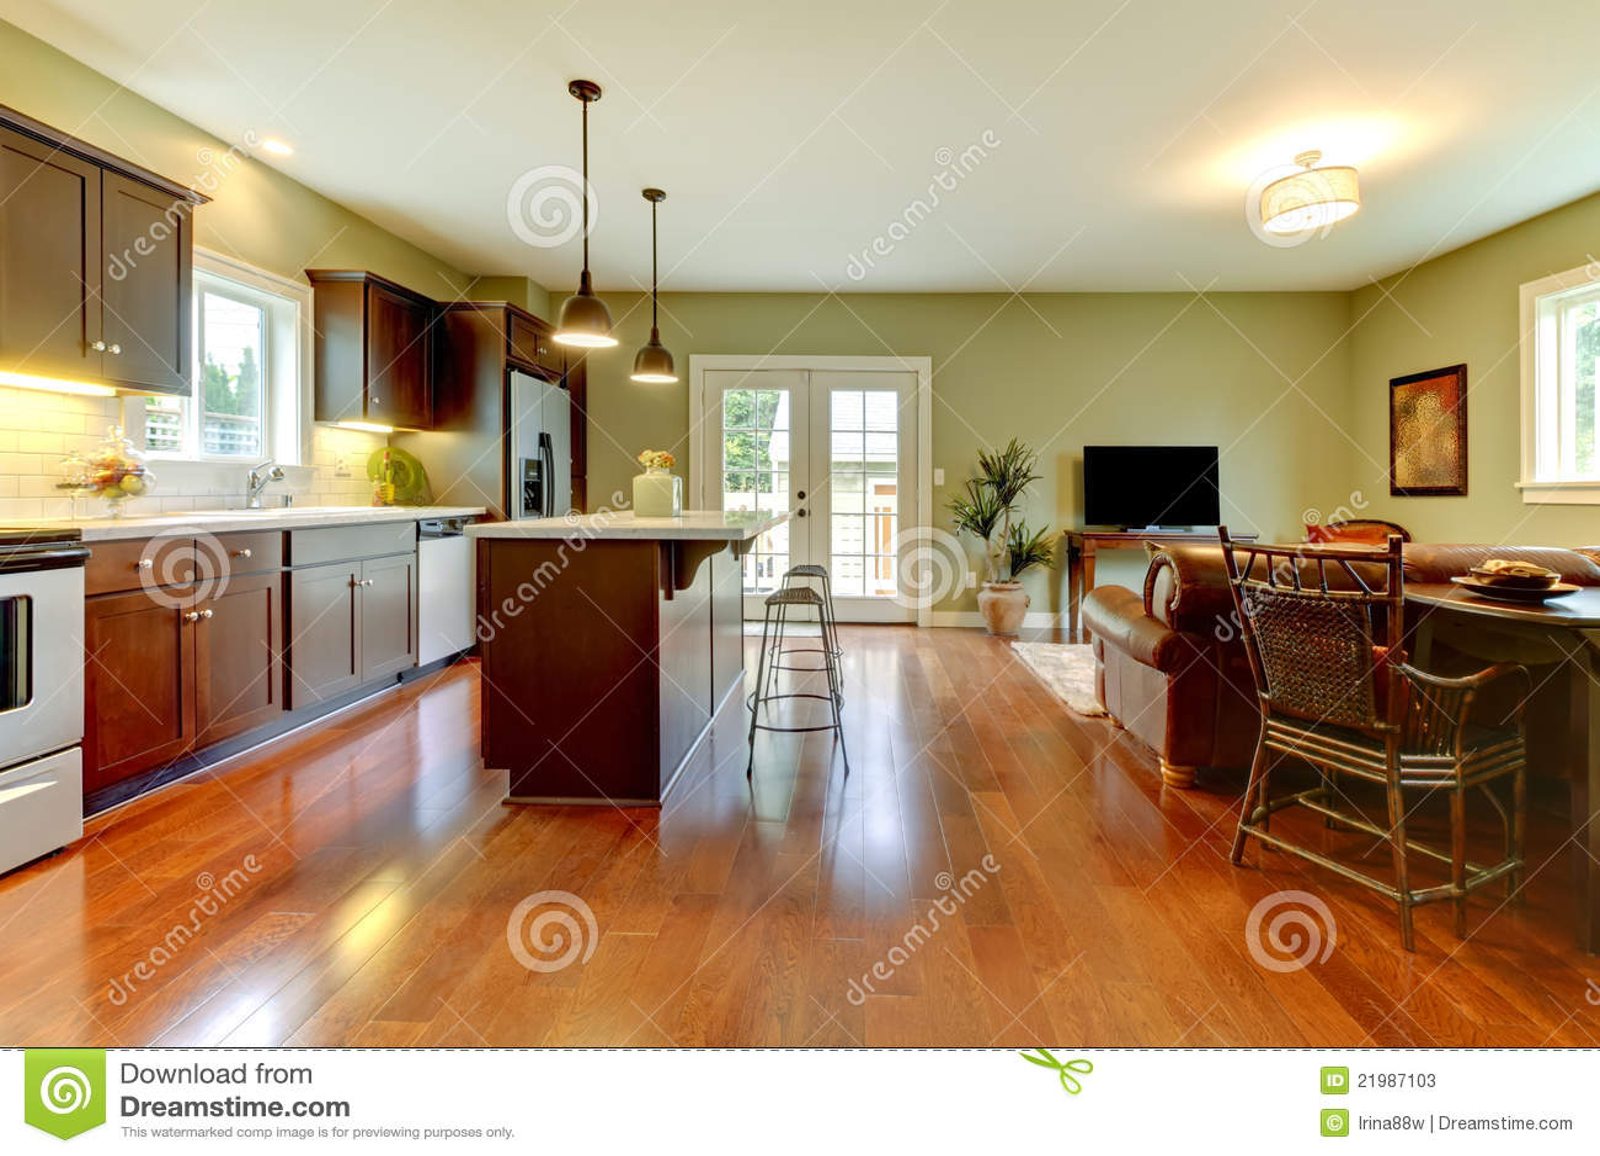 Moderne wohnzimmer mit küche – dumss.com